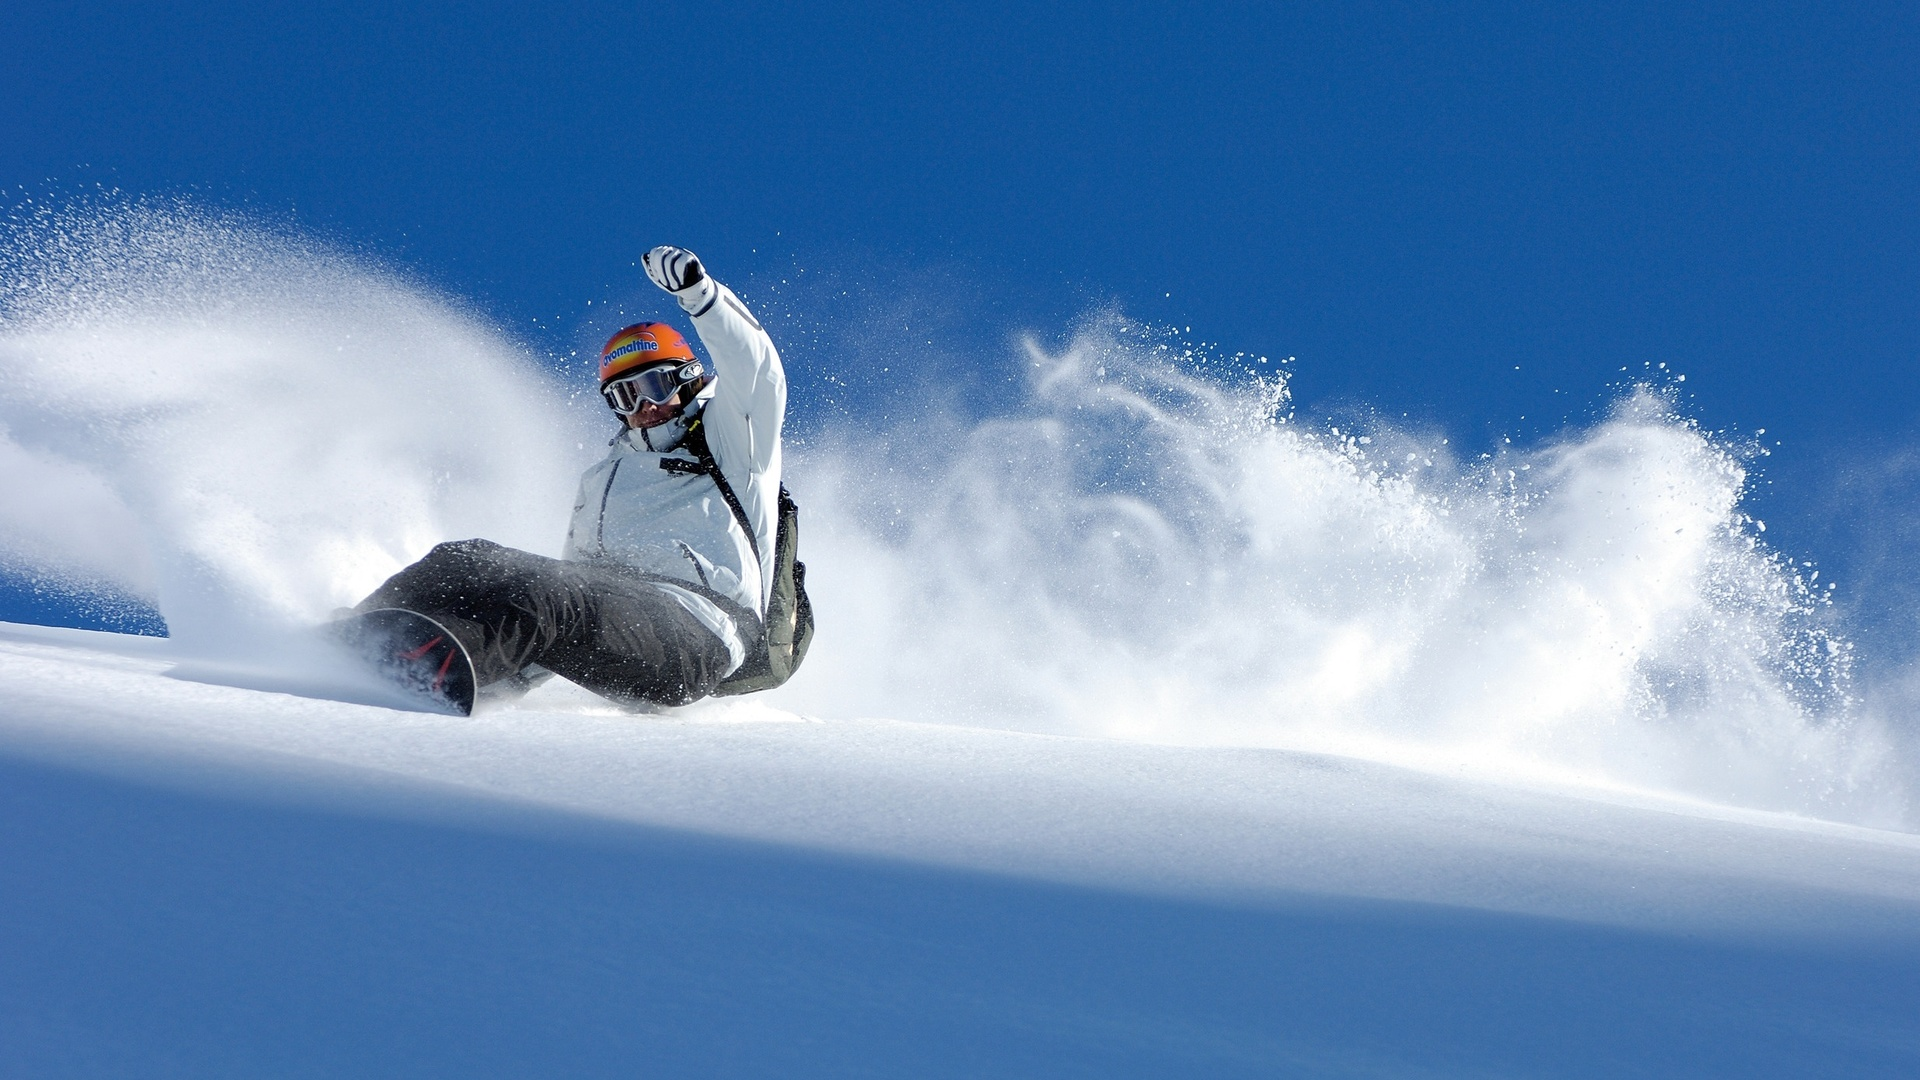 Зимний сноуборд картинки